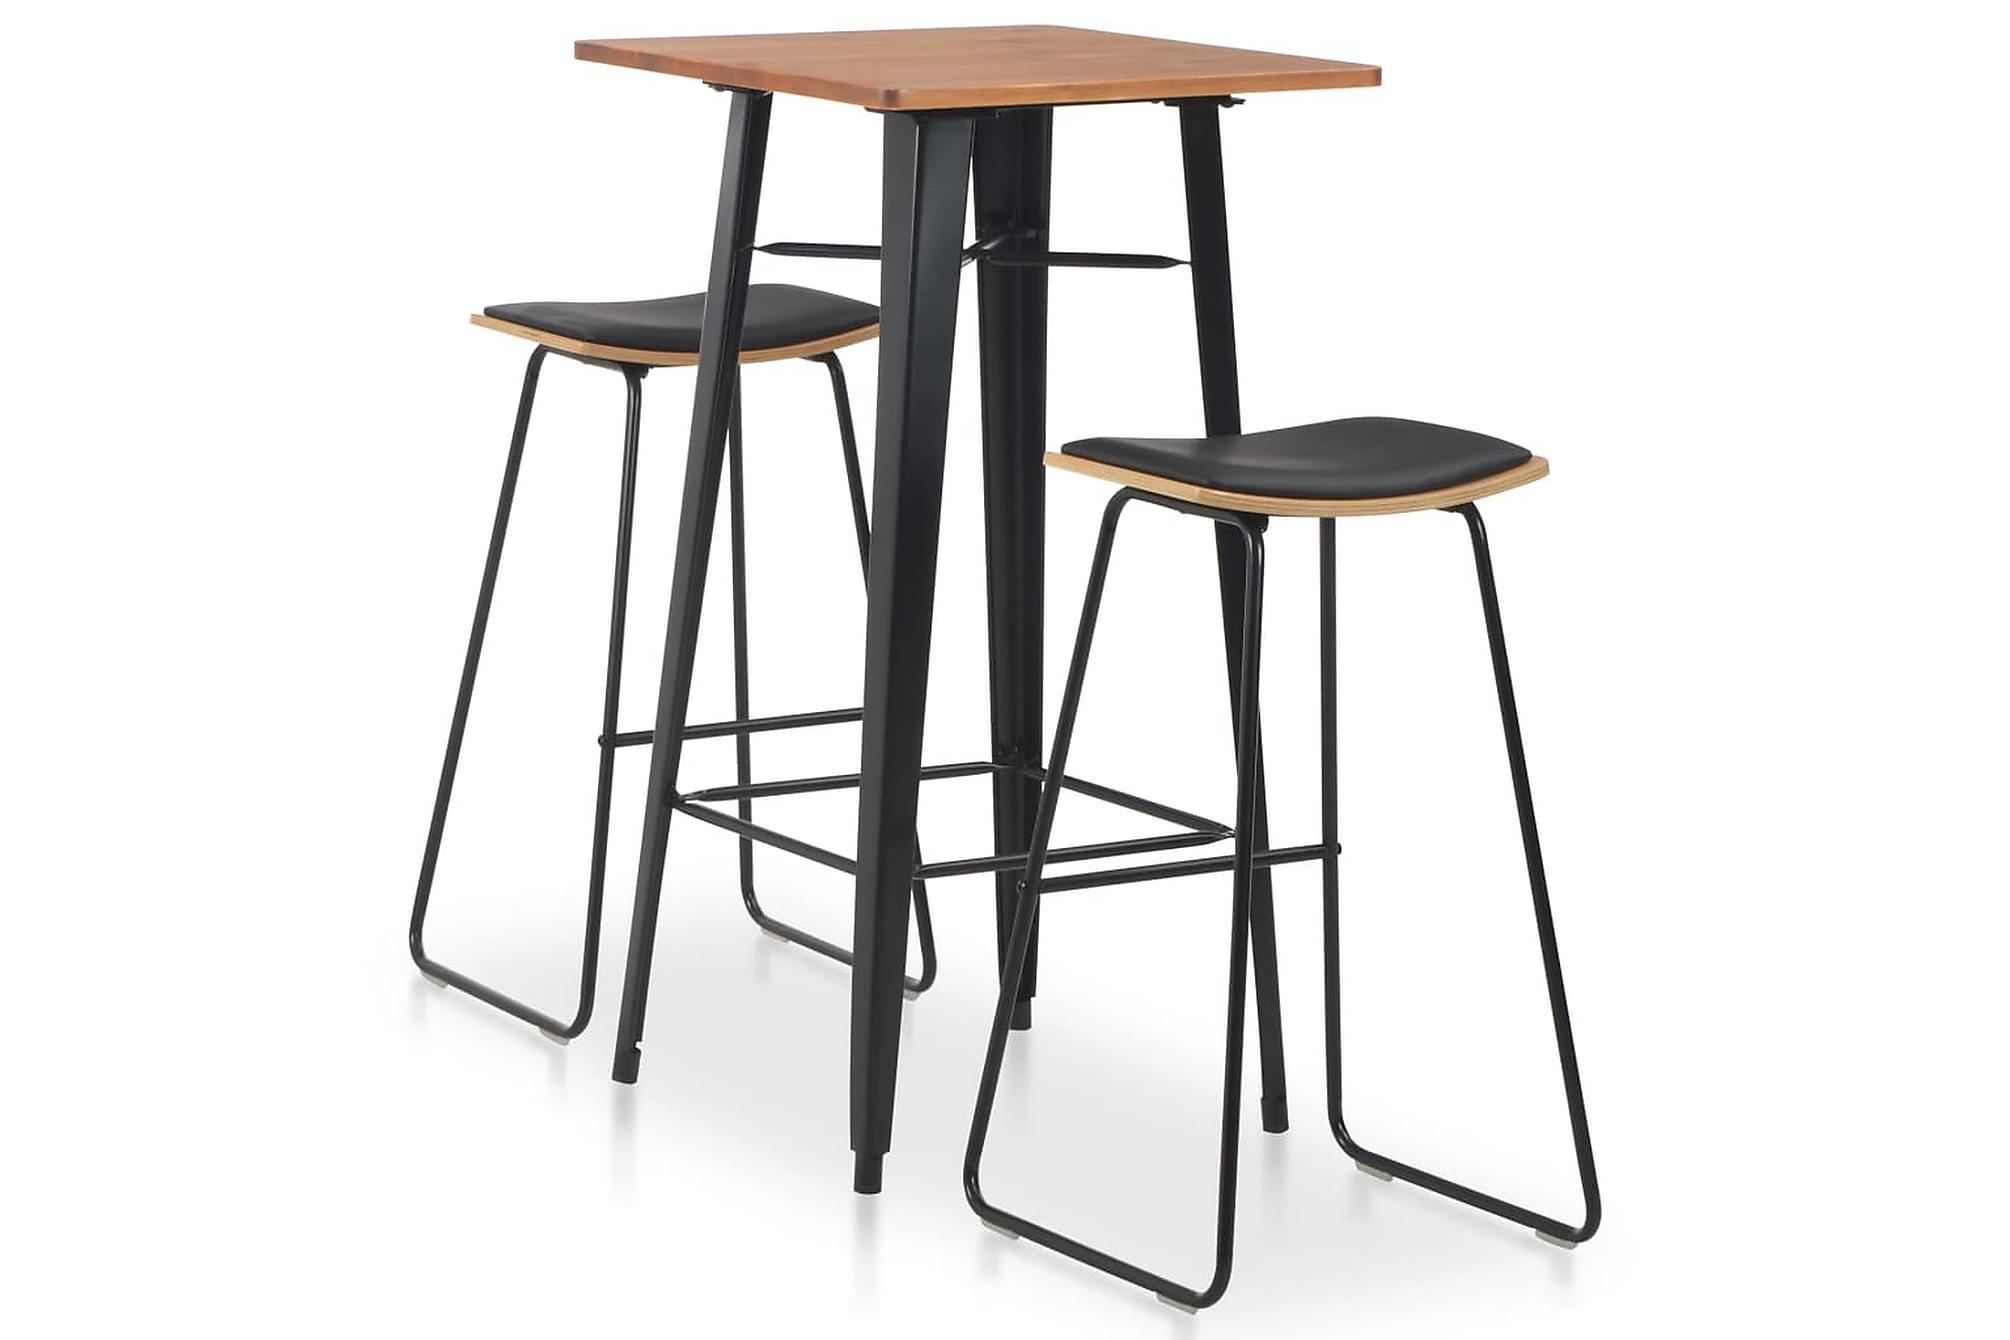 Bargrupp 3 delar stål svart, Möbelset för kök & matplats